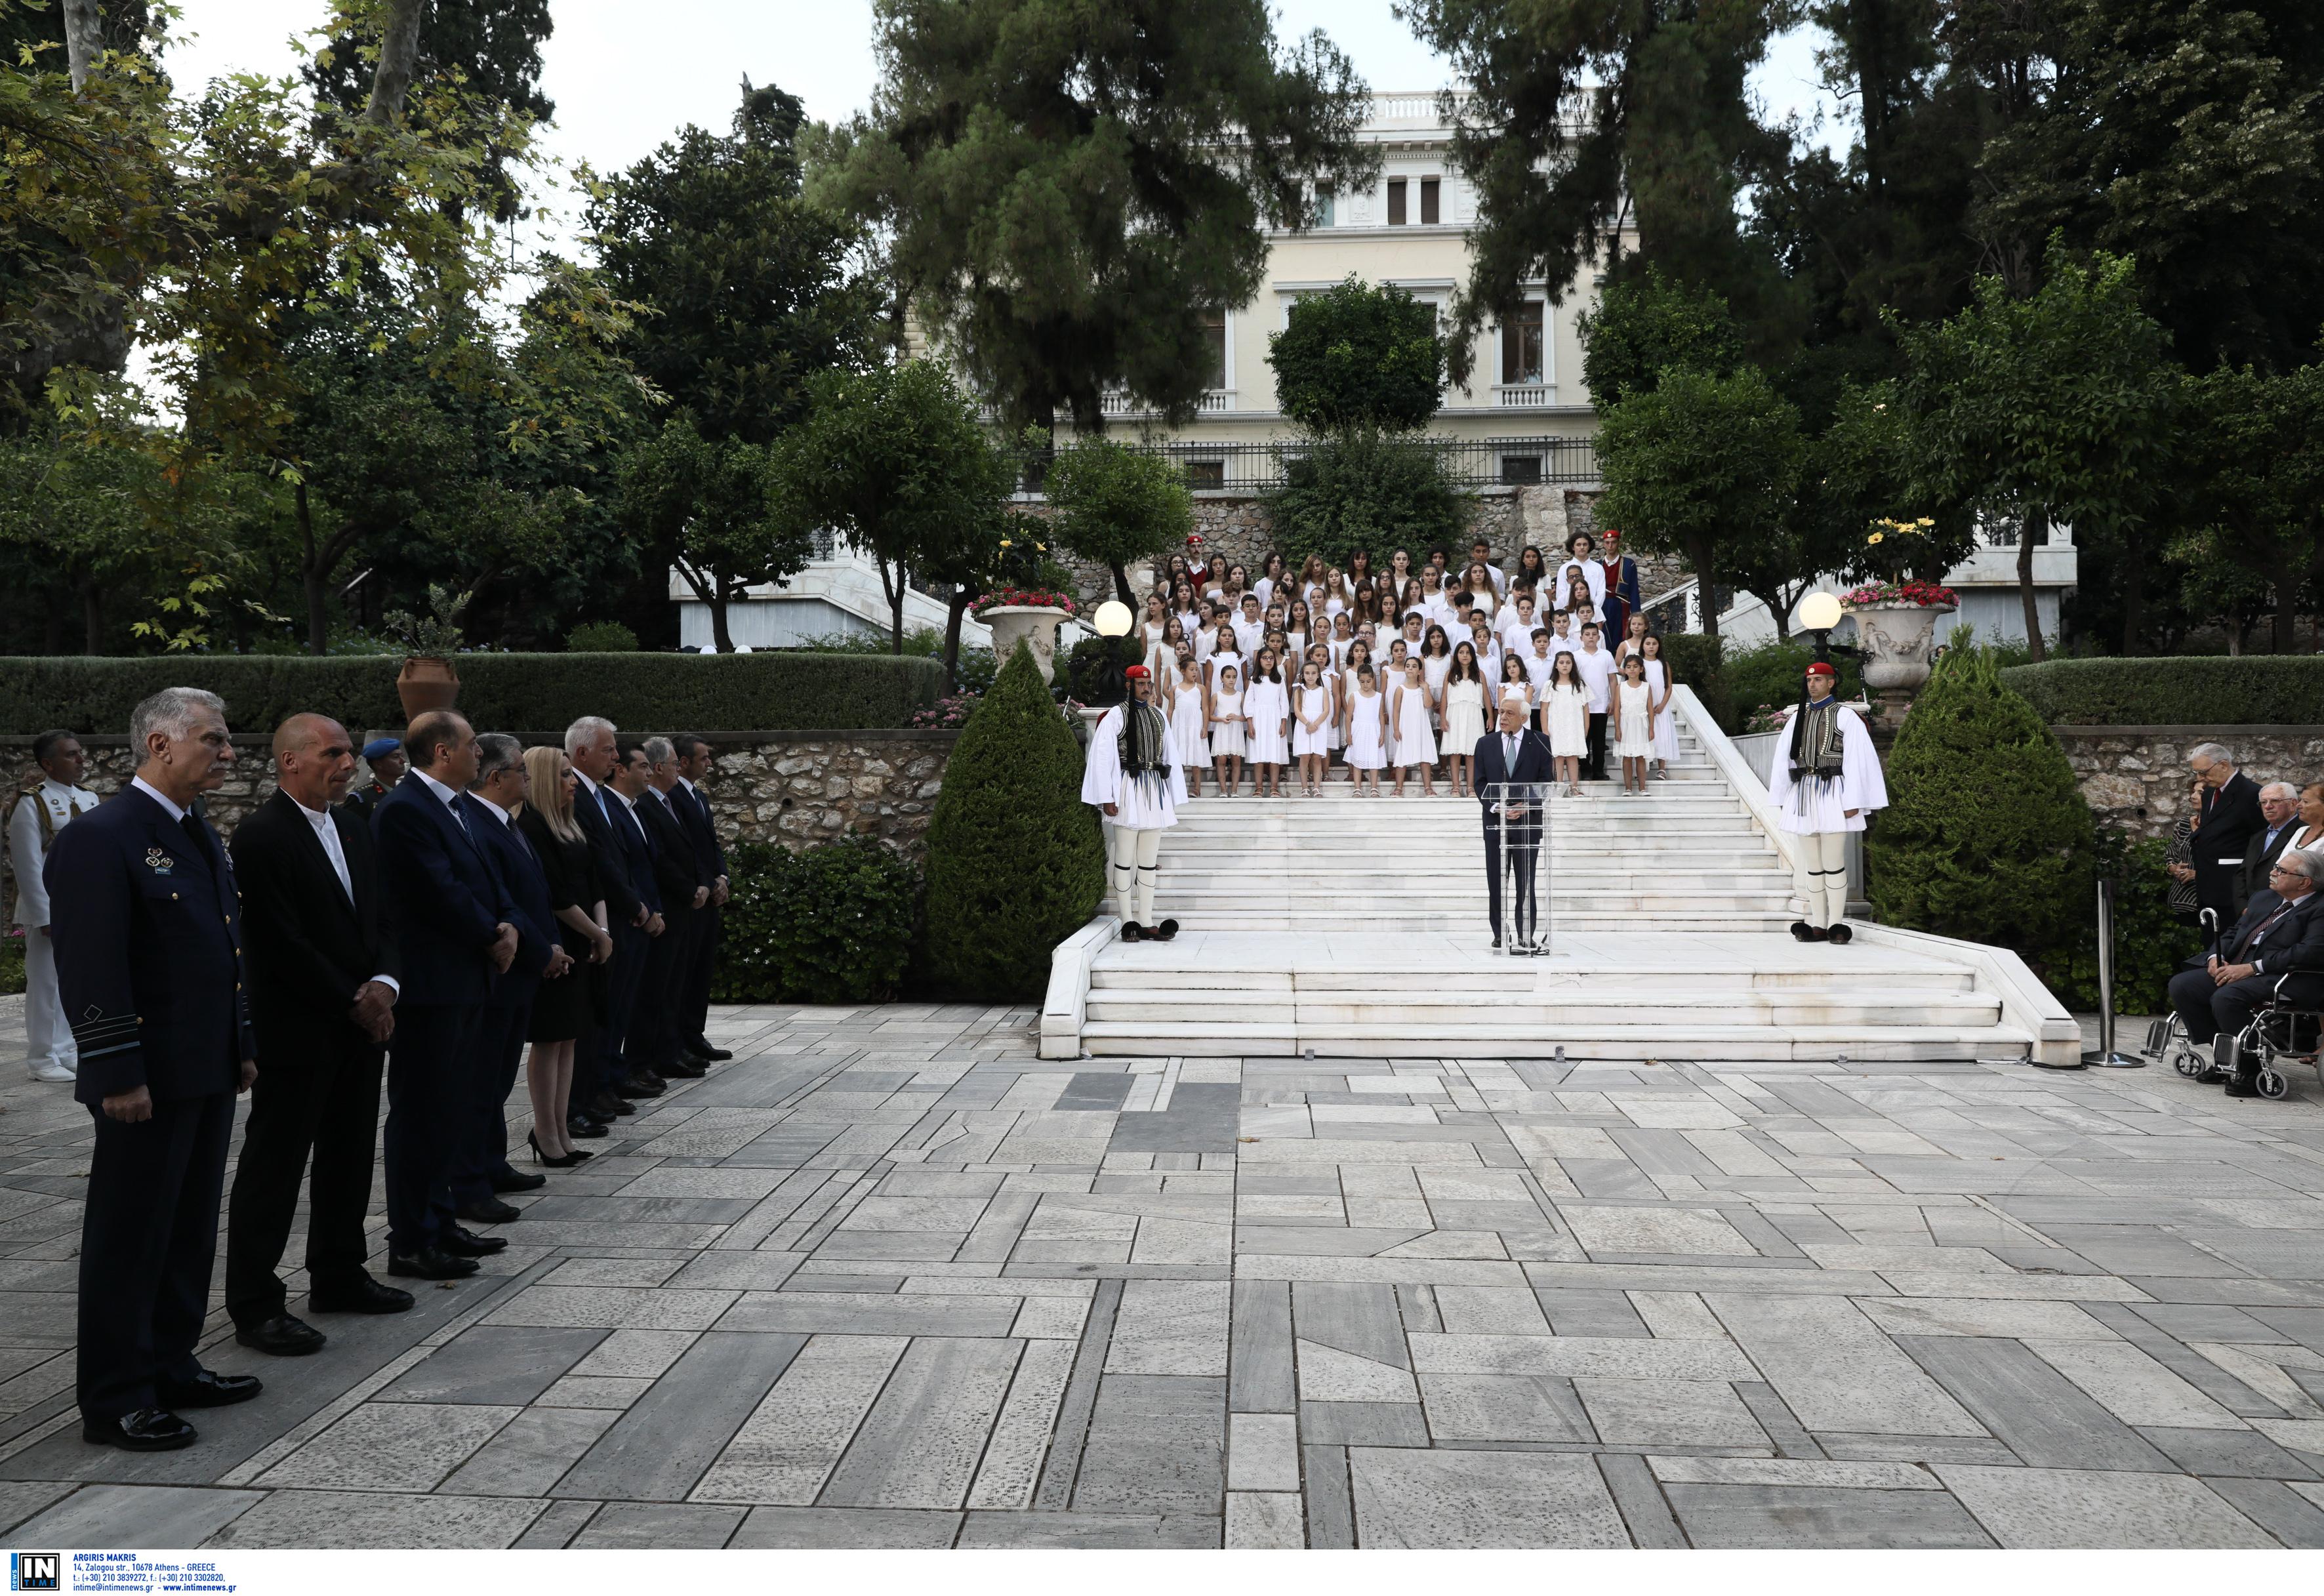 pr-paylopoylos-timoyme-tin-apokatastasis-tis-dimokratias-me-enomenes-tis-politikes-dynameis7